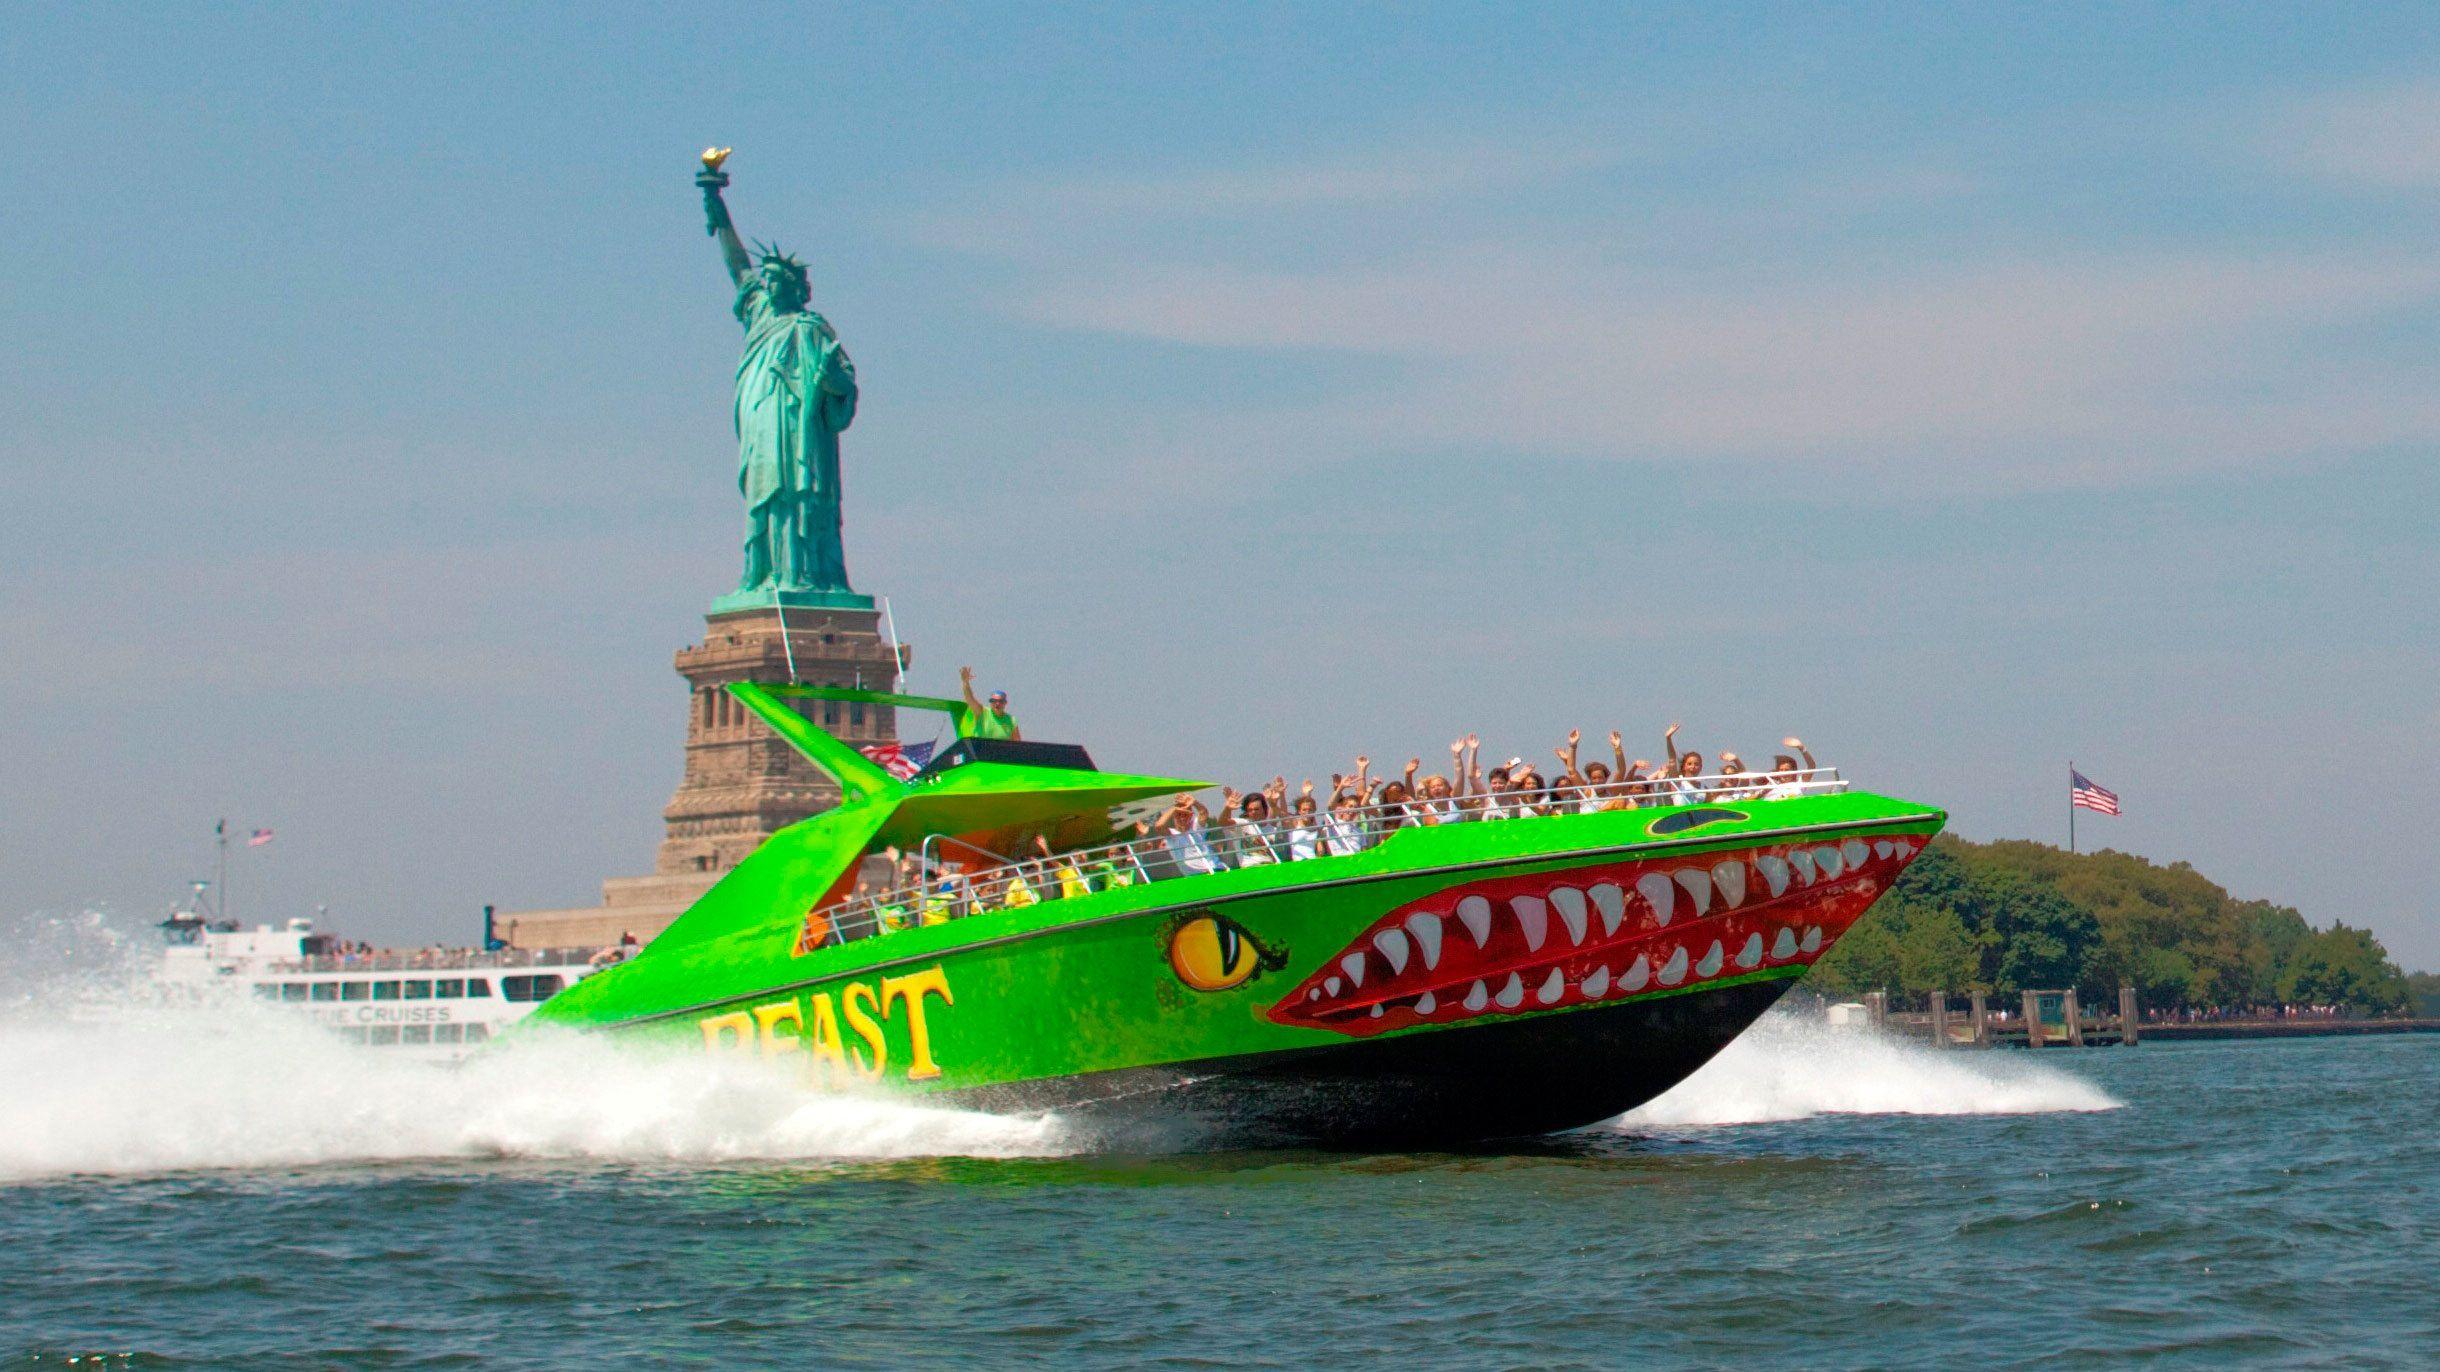 Beast Speedboat Thrill Ride